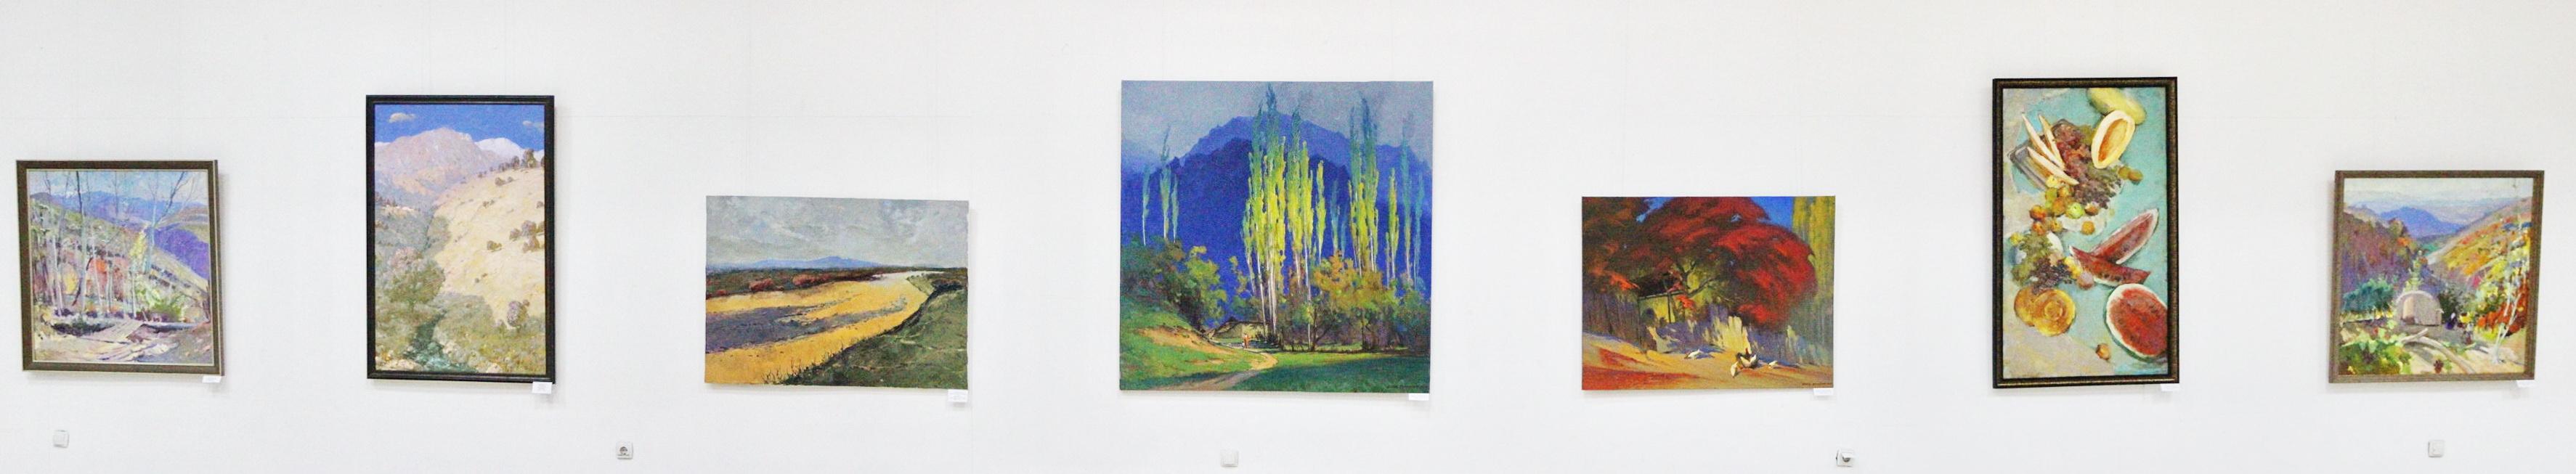 Центральная экспозиция картин